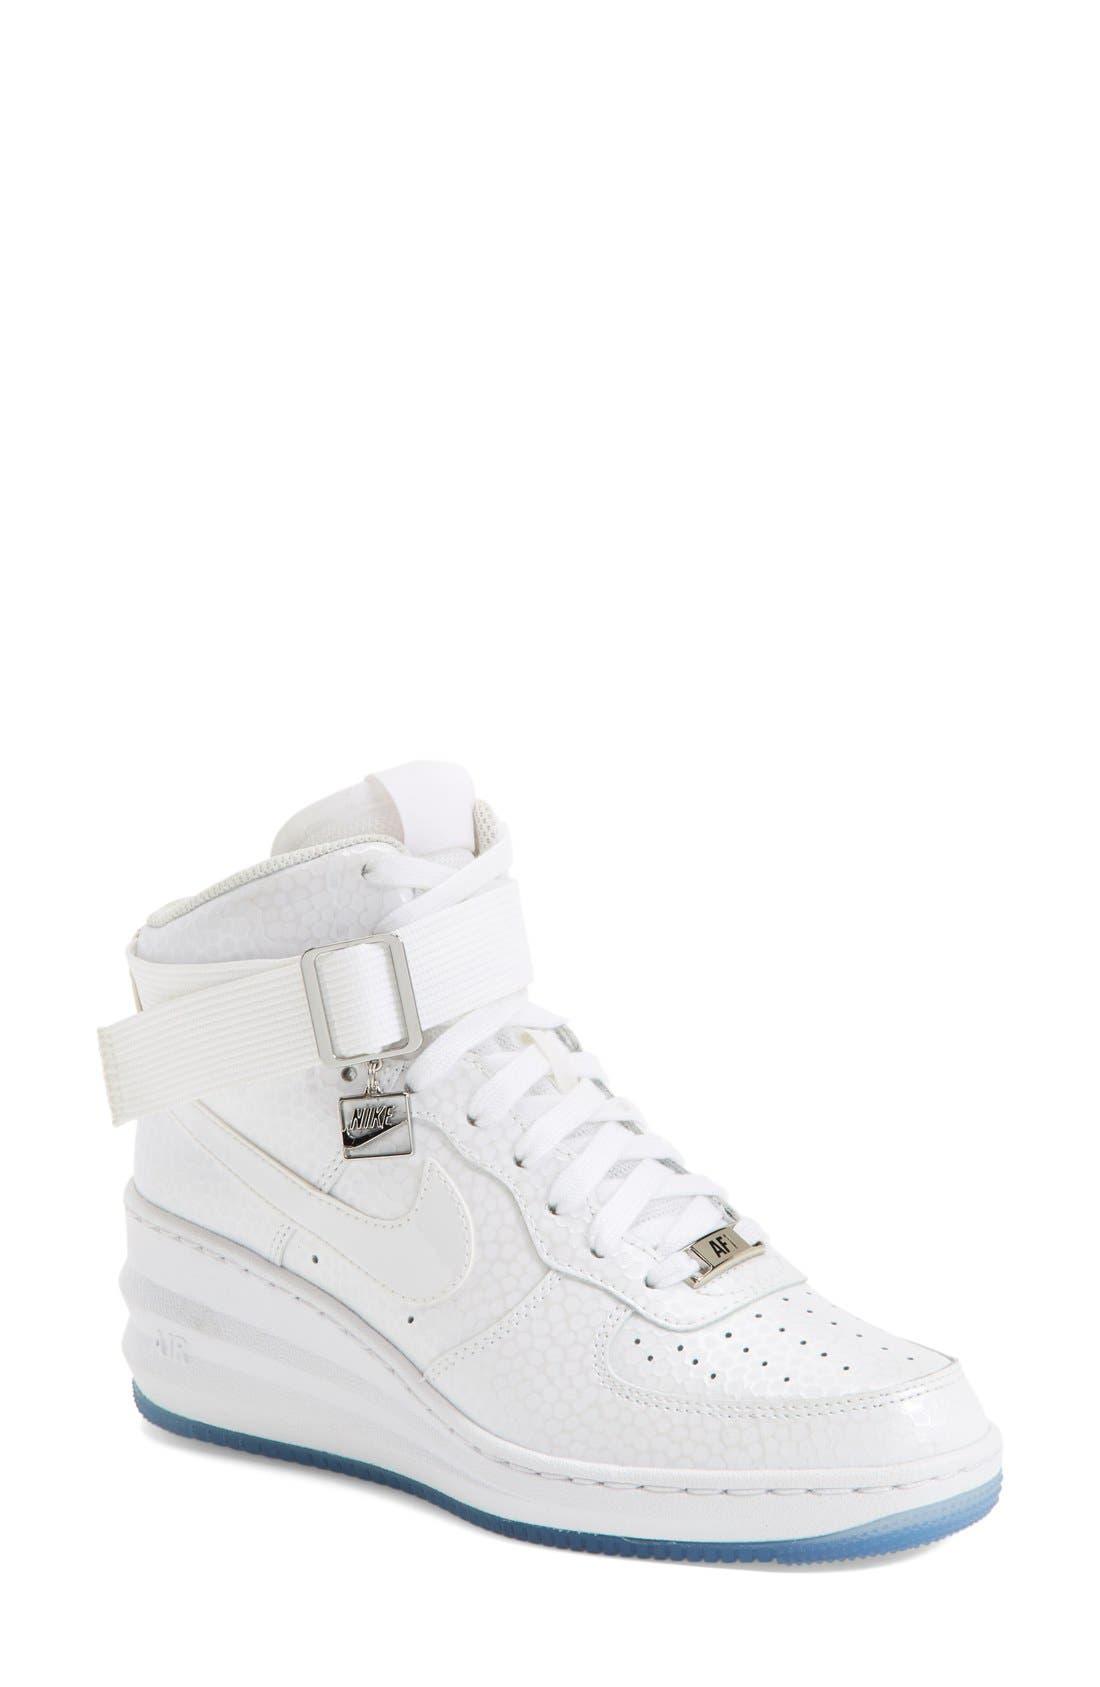 Alternate Image 1 Selected - Nike 'Lunar Force 1 Sky Hi' Sneaker (Women)